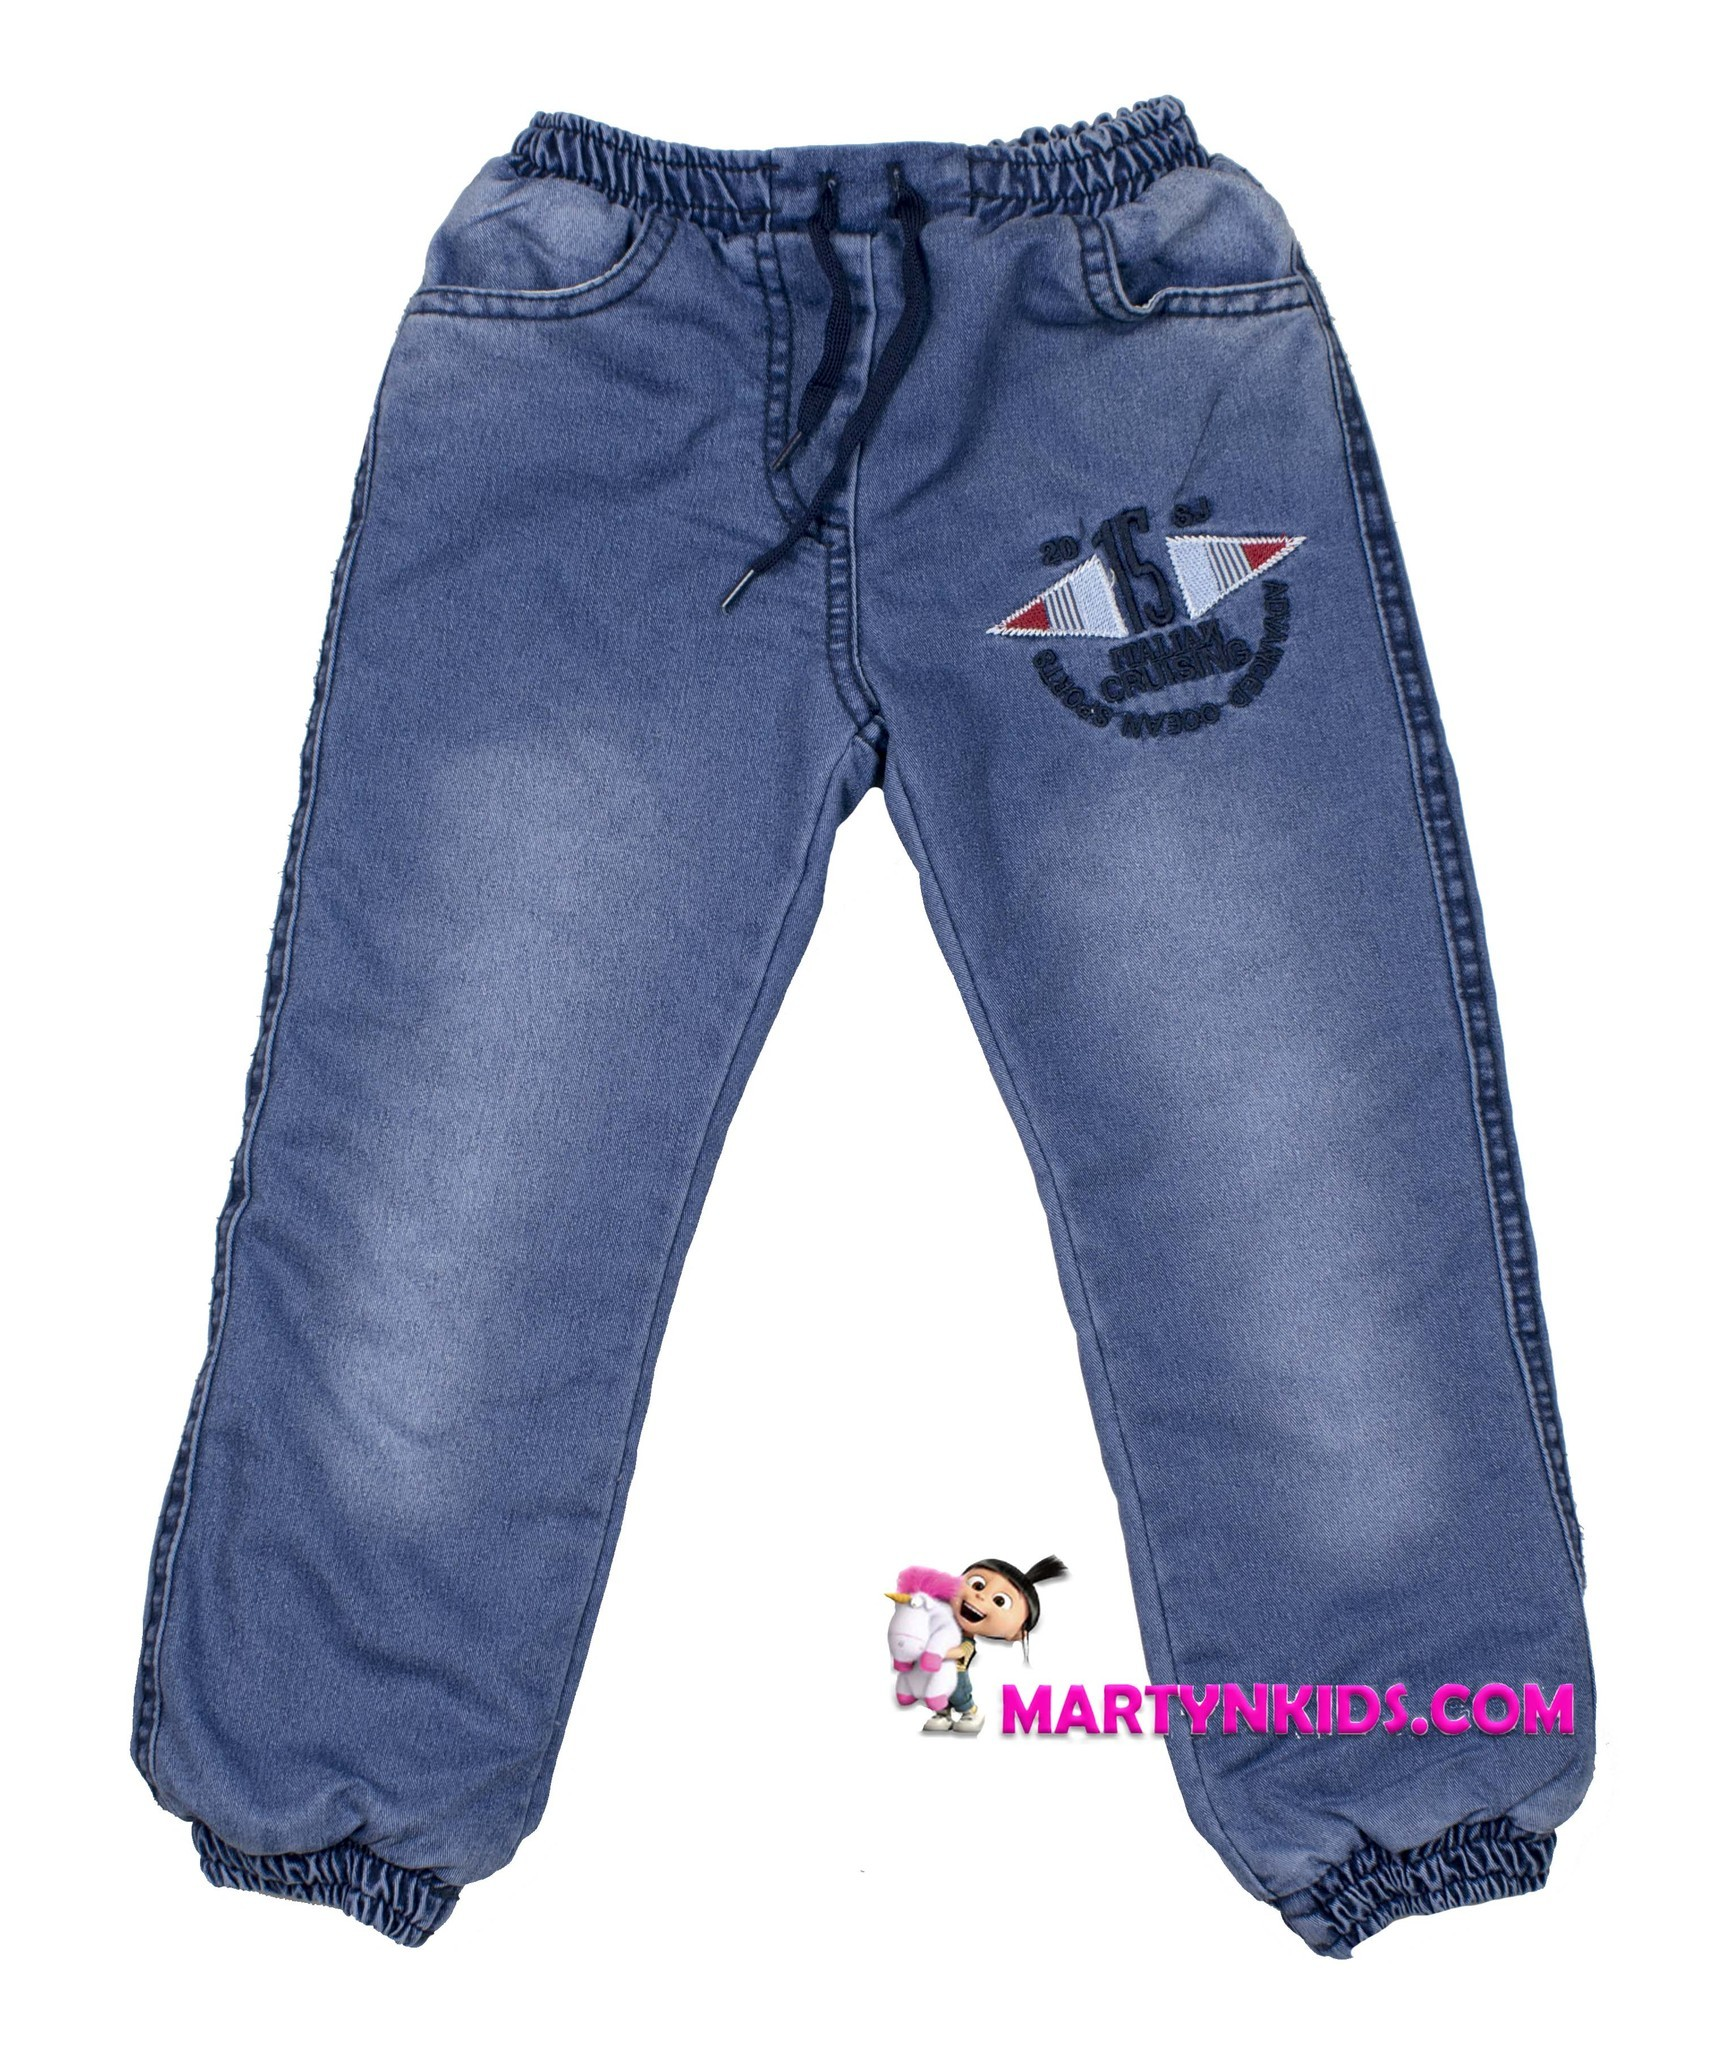 1807 джинсы теплые флаги 2